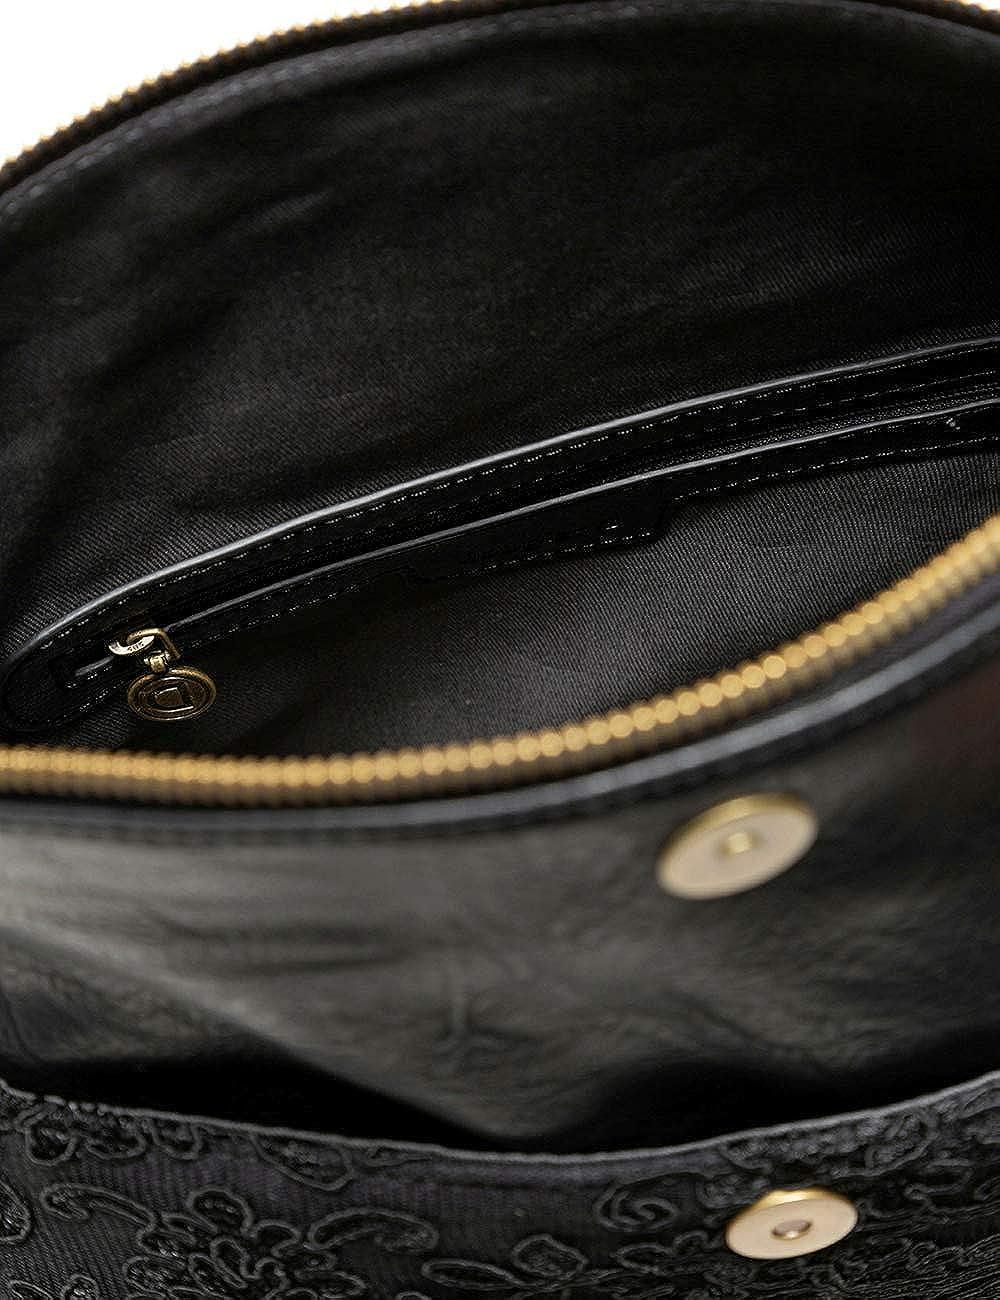 Desigual Sac /à main en tissu pour femme Noir Taille U